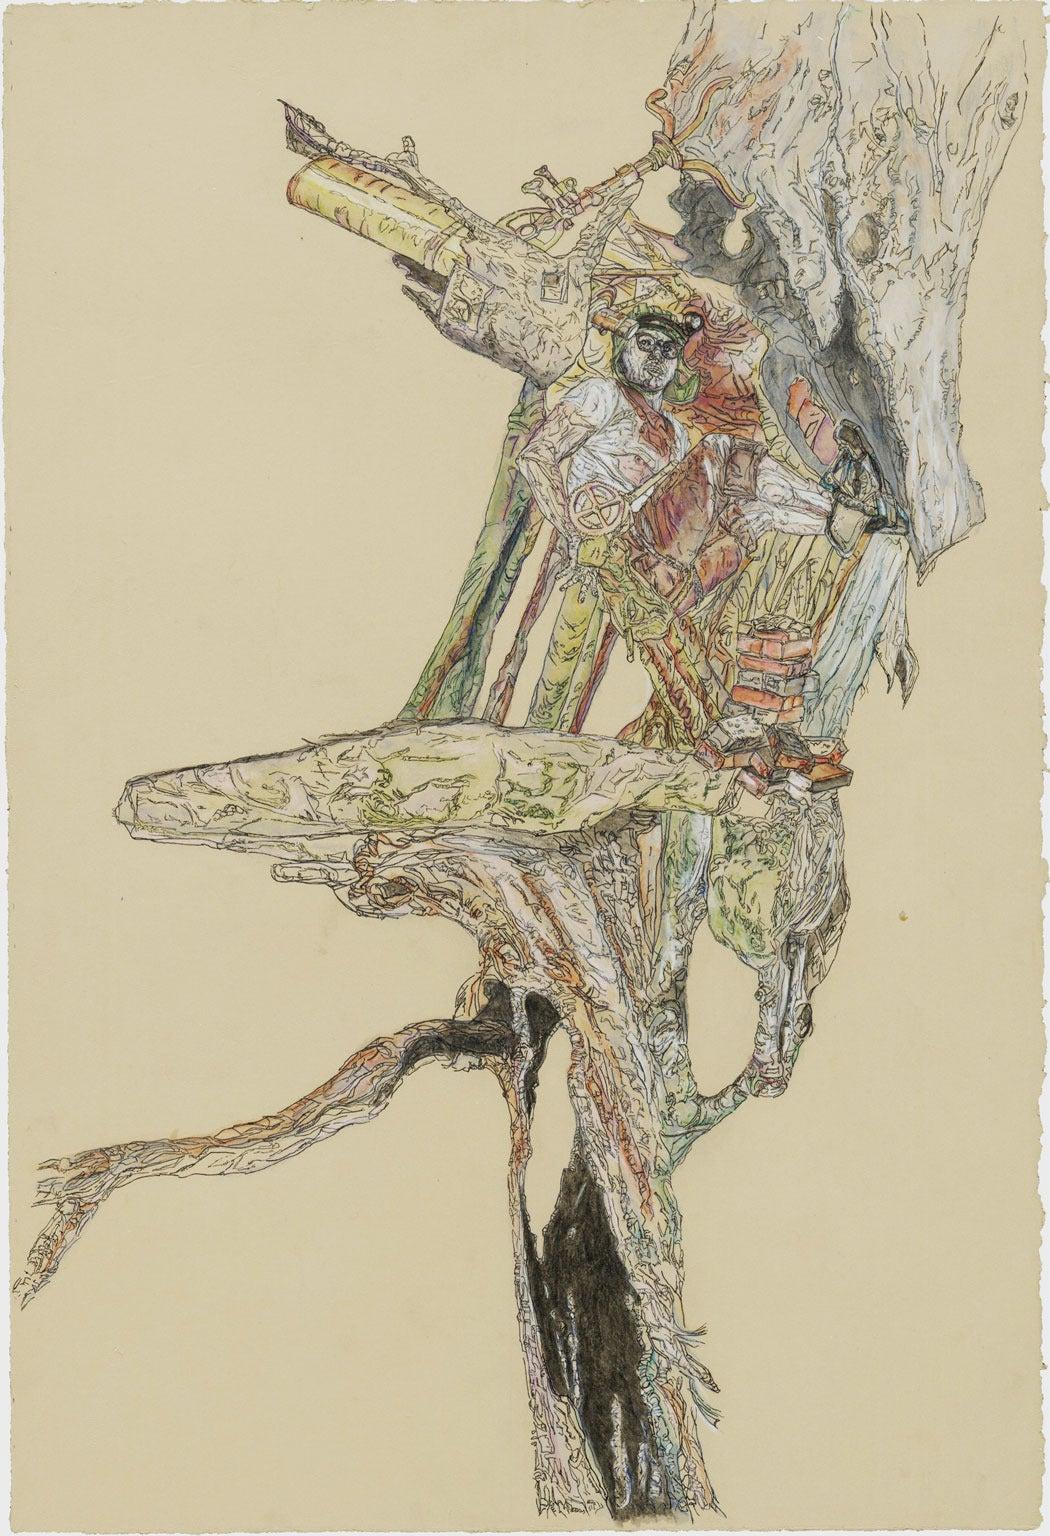 Krzysztof Pastuszka Figurative Art - Explorer